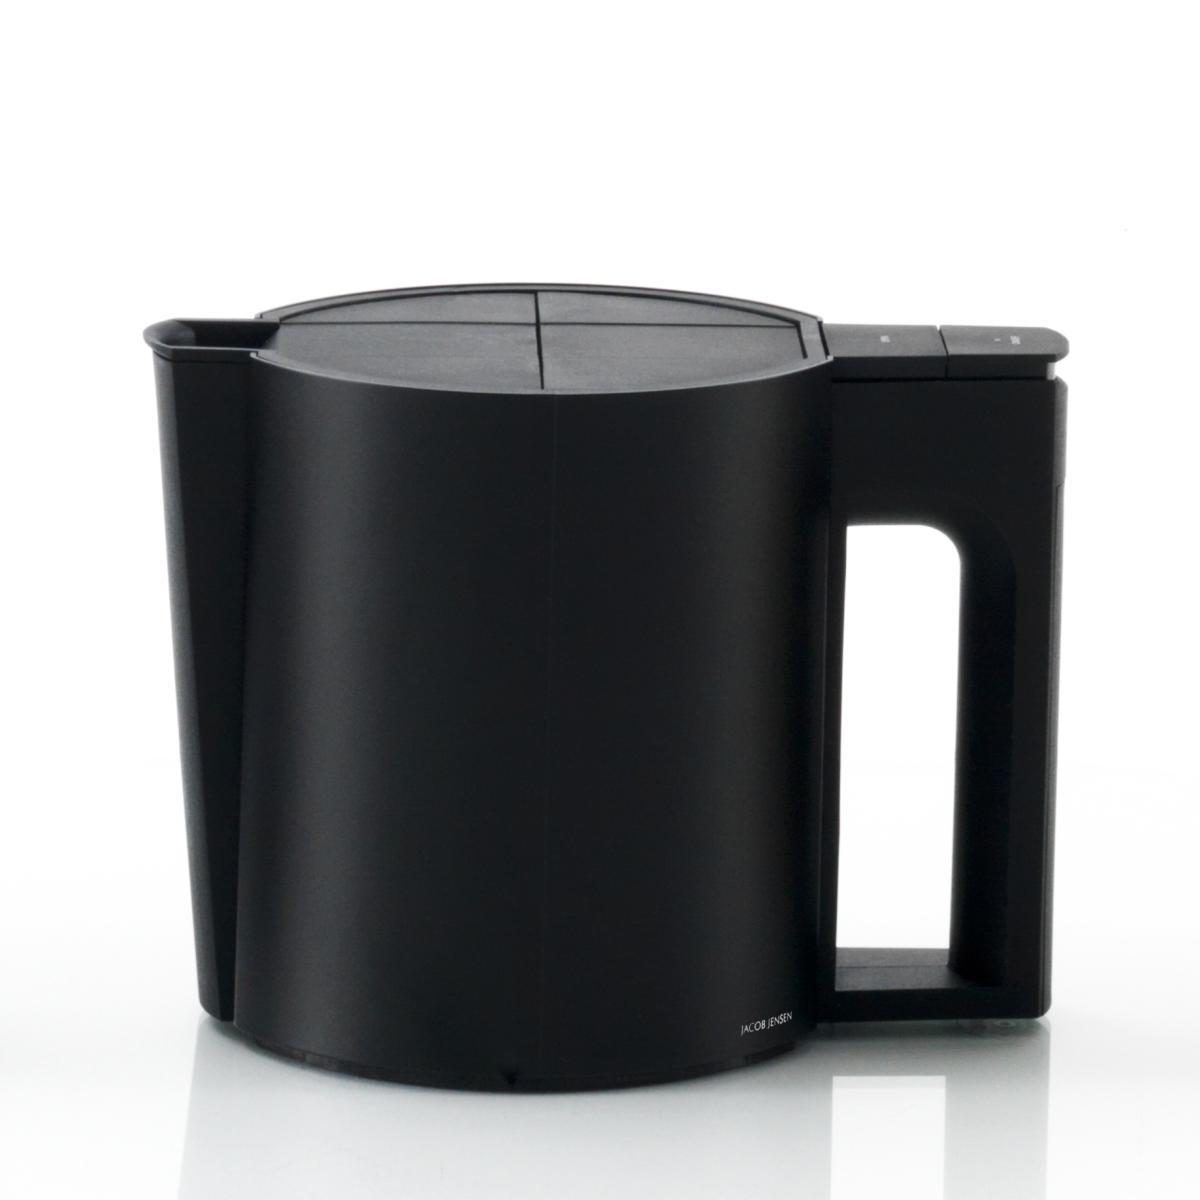 Wasserkocher schwarz von jacob jensen bei for Design haushaltsartikel